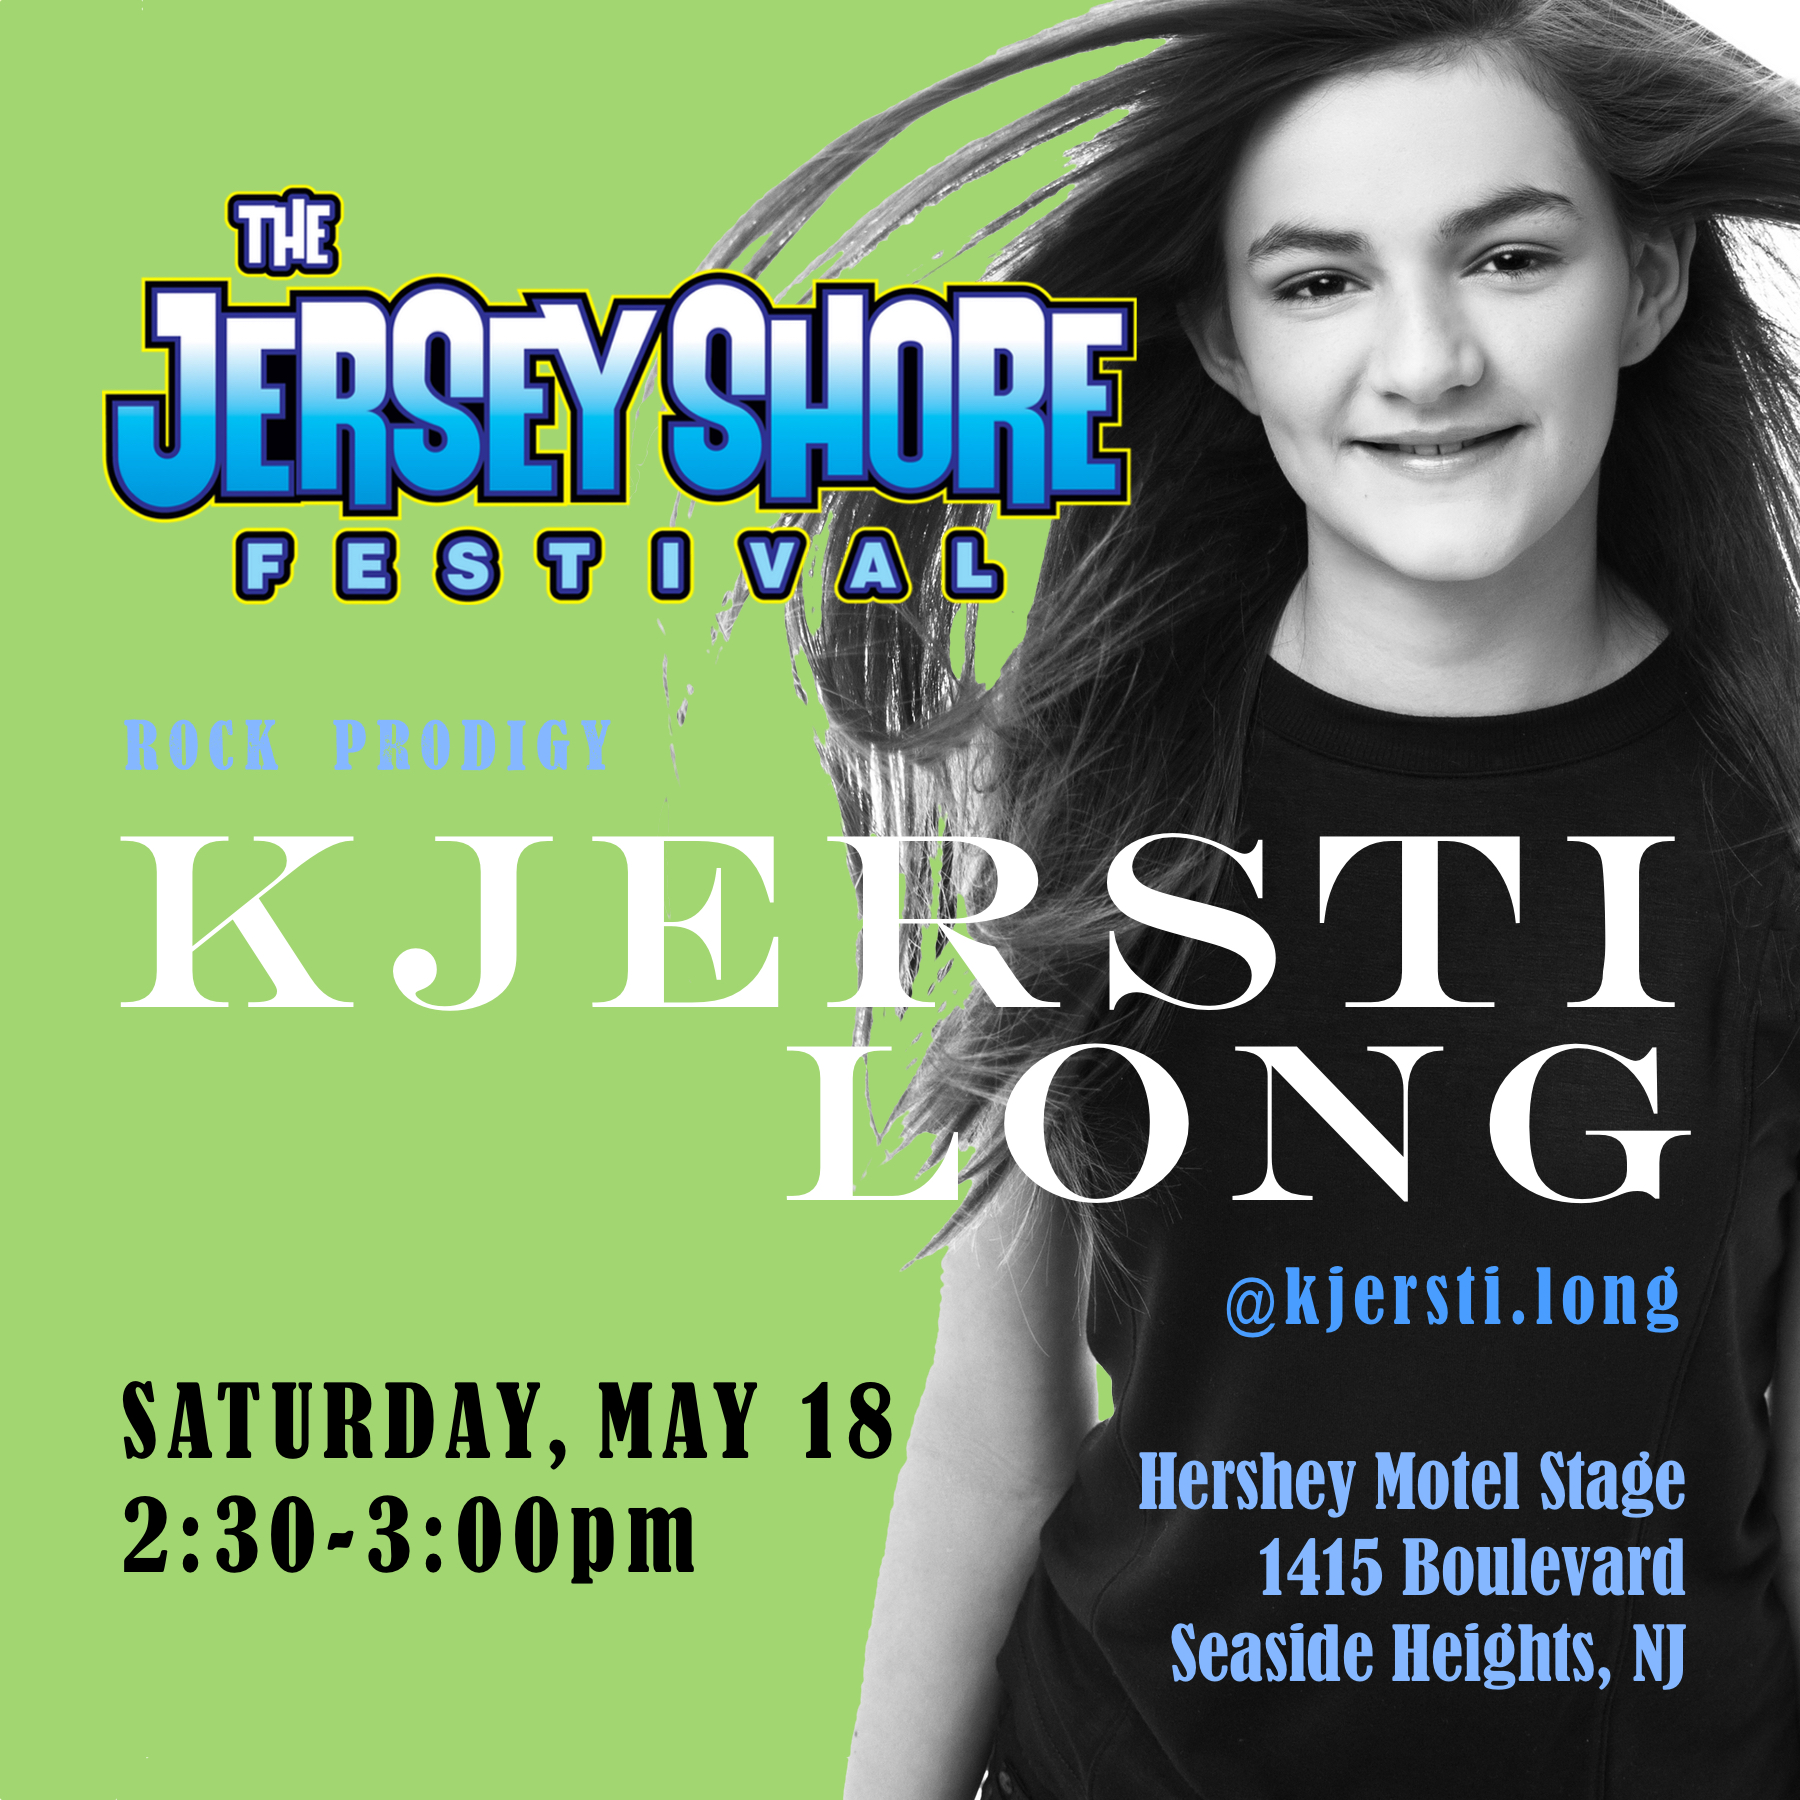 Kjersti Long Jersey Shore V 4 APPROVED FOR USE.jpg